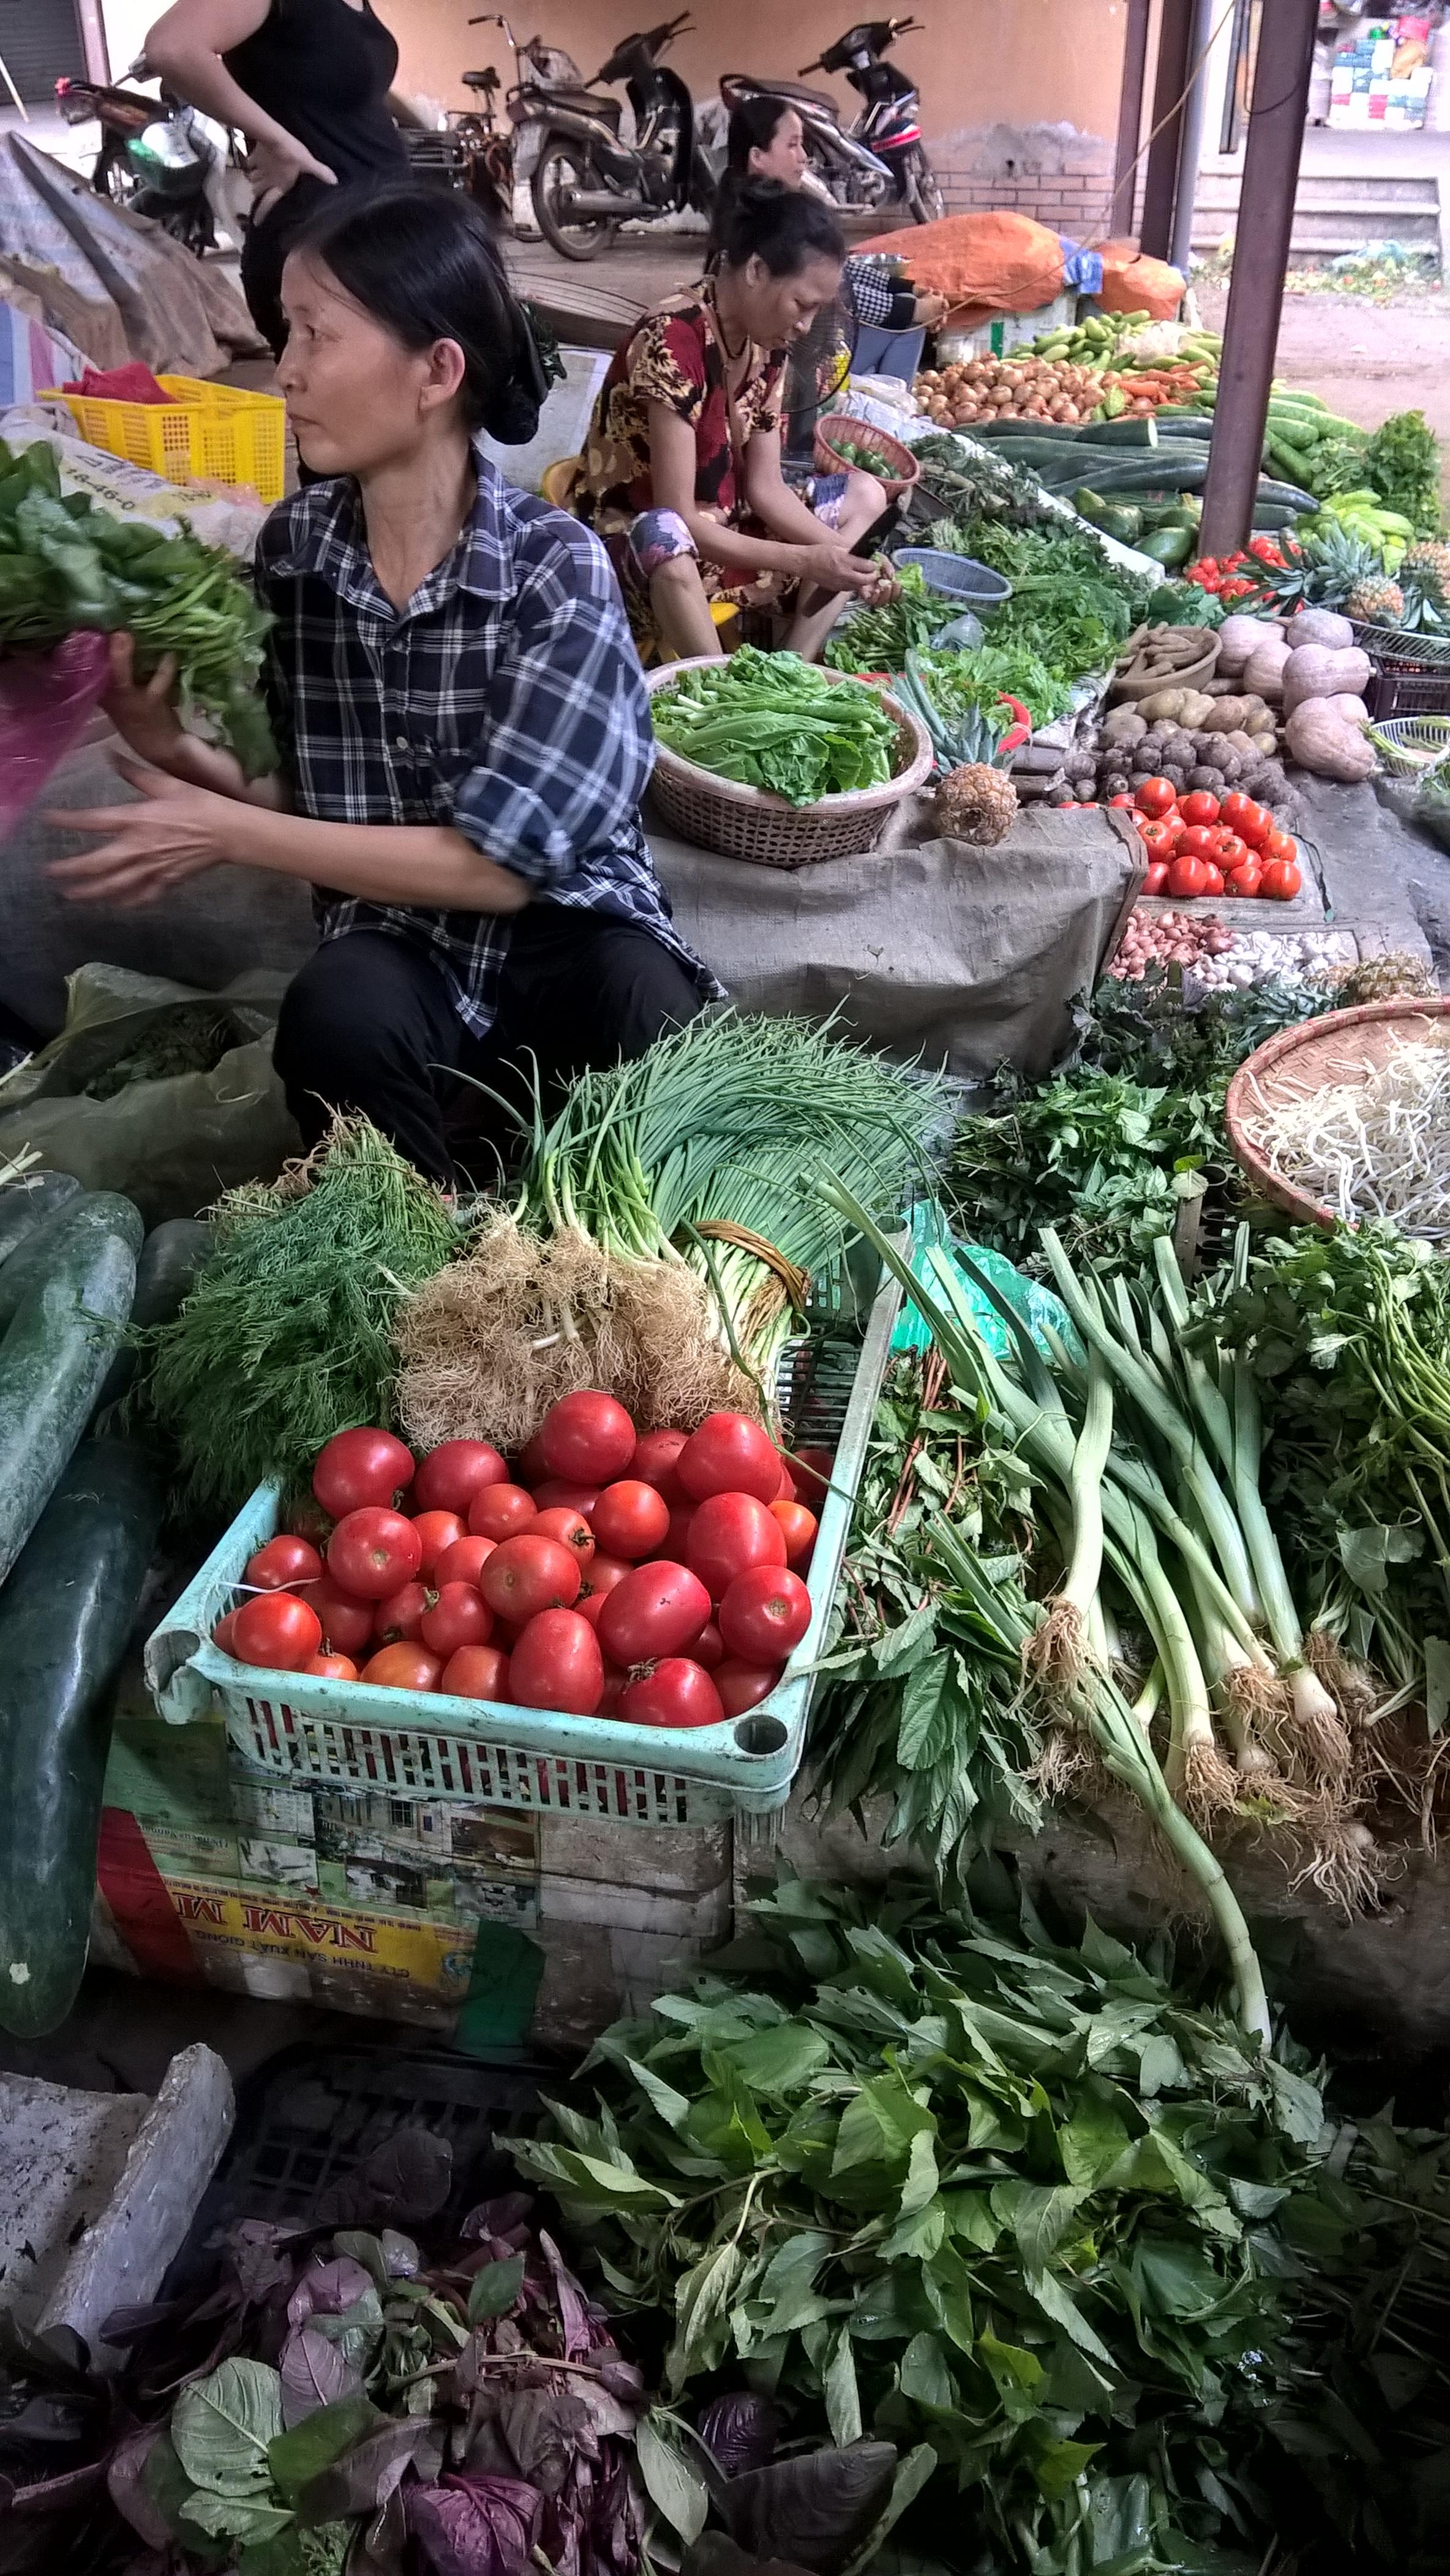 Xăng tăng giá 2 ngày, thực phẩm đã nhích tăng theo